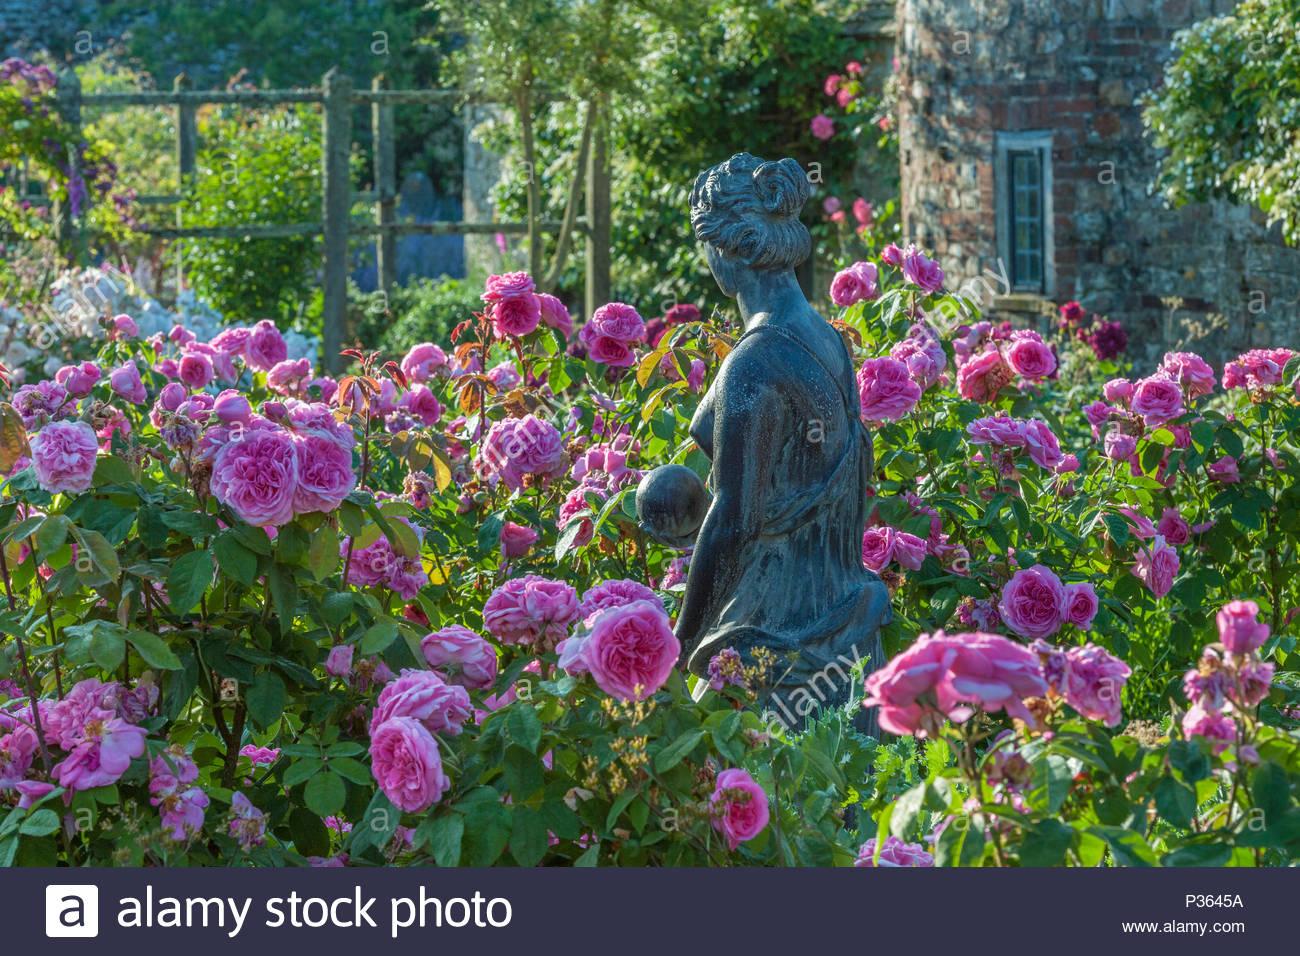 Light rose garden questo giardino di rose luminose ogni sera si